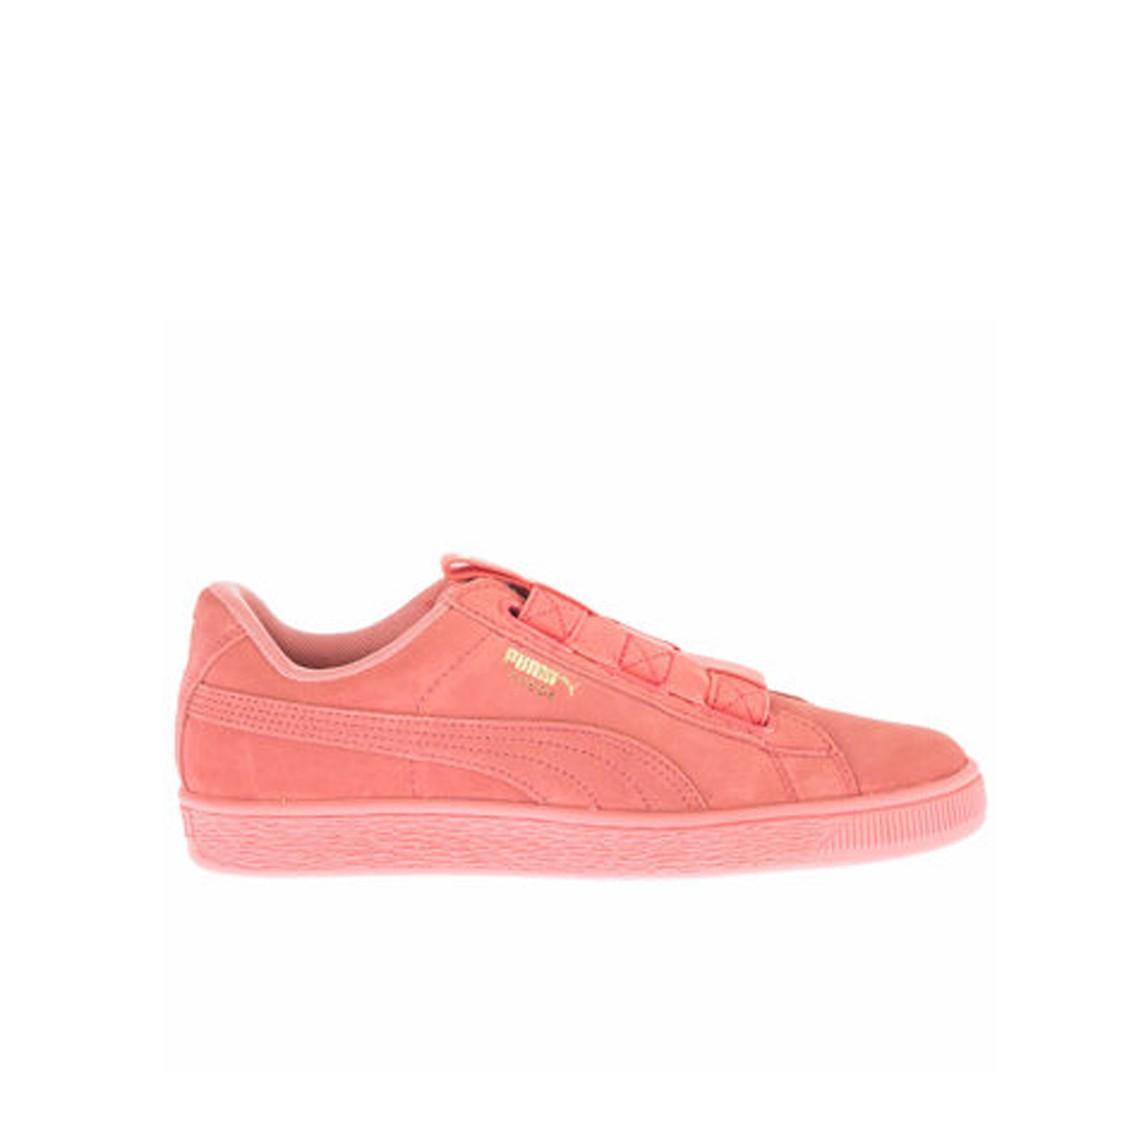 Pantofi sport PumaSuede Maze Sneakers, roz 36622703 38 eu